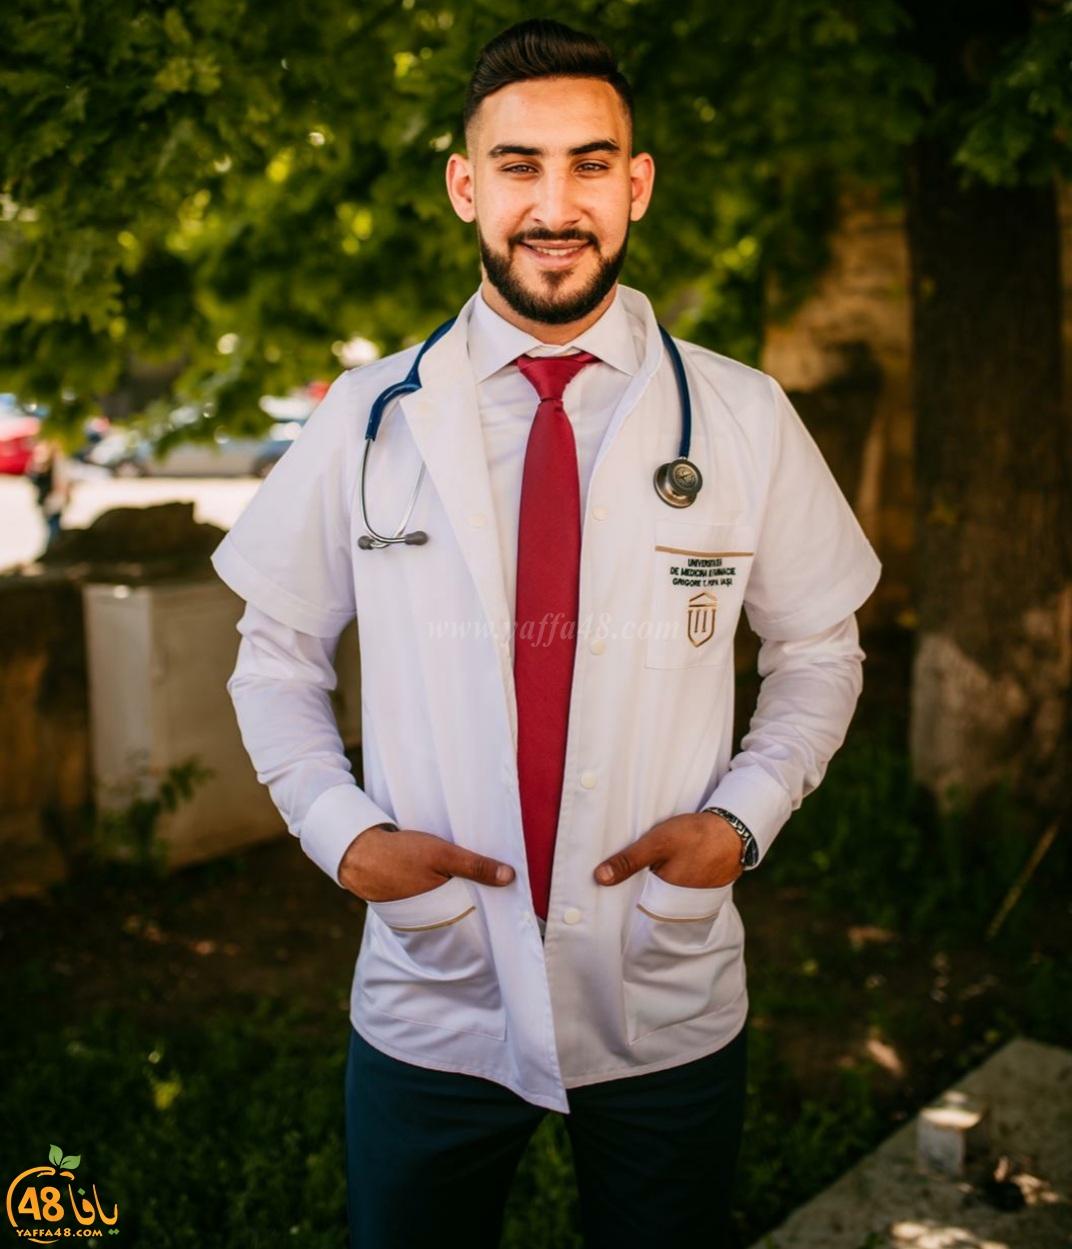 مبروك - كوكبة من أطباء مدينتي اللد والرملة يجتازون امتحان الدولة في الطب بنجاح